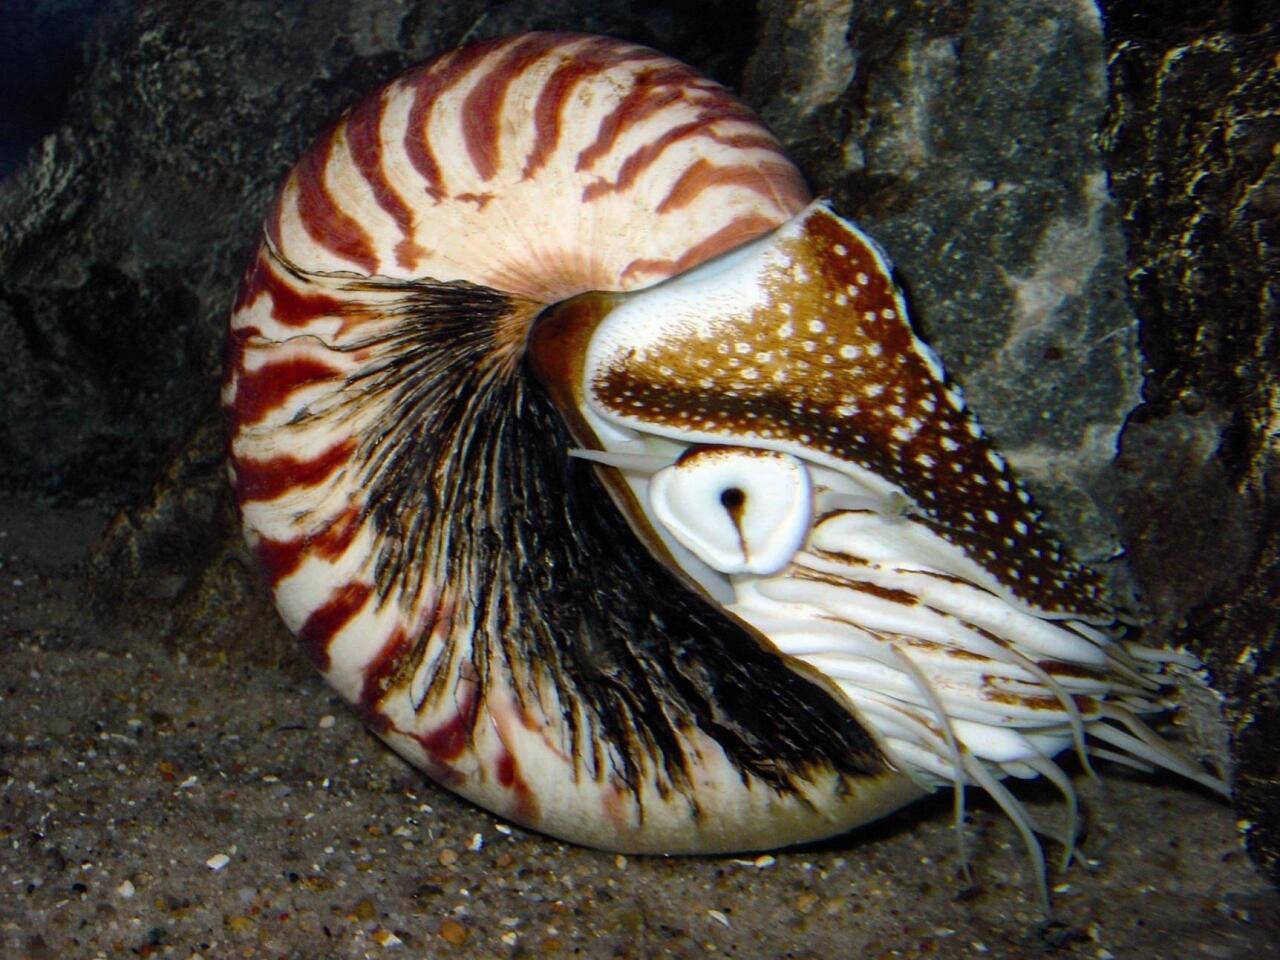 Nautilusa